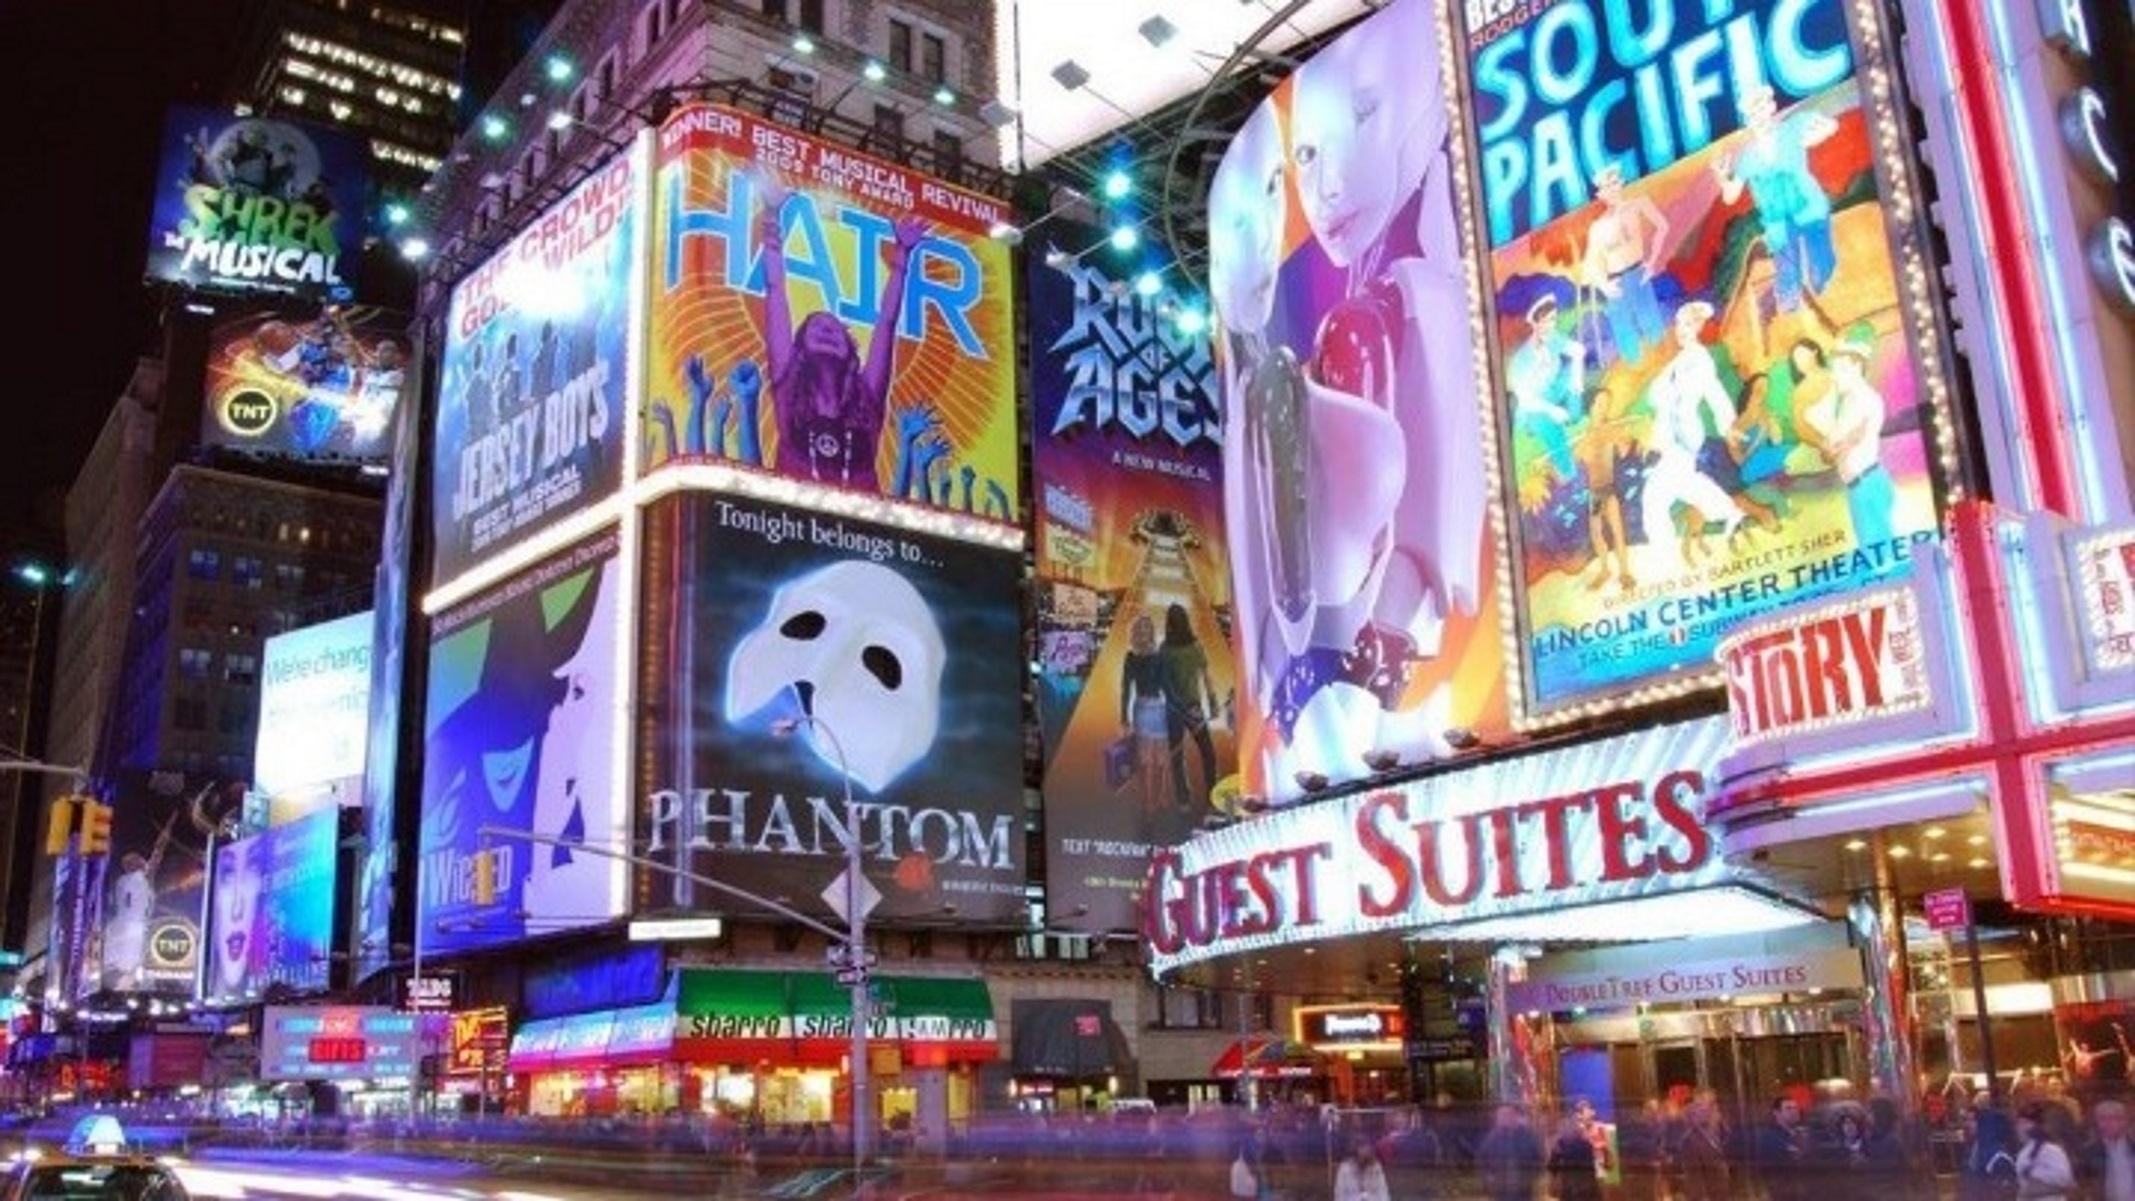 Μουσείο Μπρόντγουεϊ – Times Square: Σηκώνει αυλαία το 2022